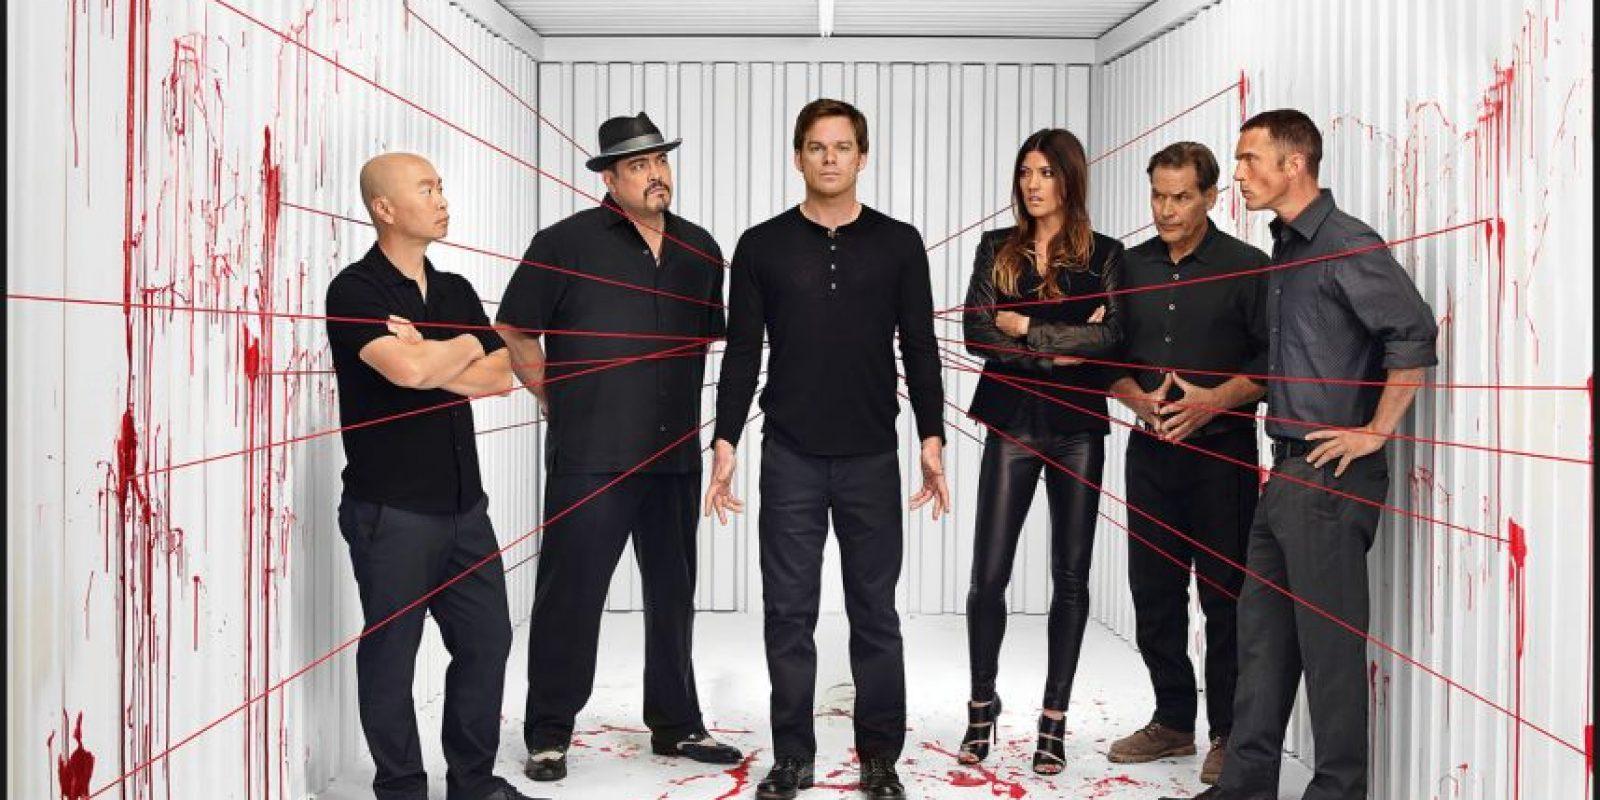 Es una serie oscura, pero sumamente entretenida y tiene un nivel intermedio de dificultad Foto:Showtime